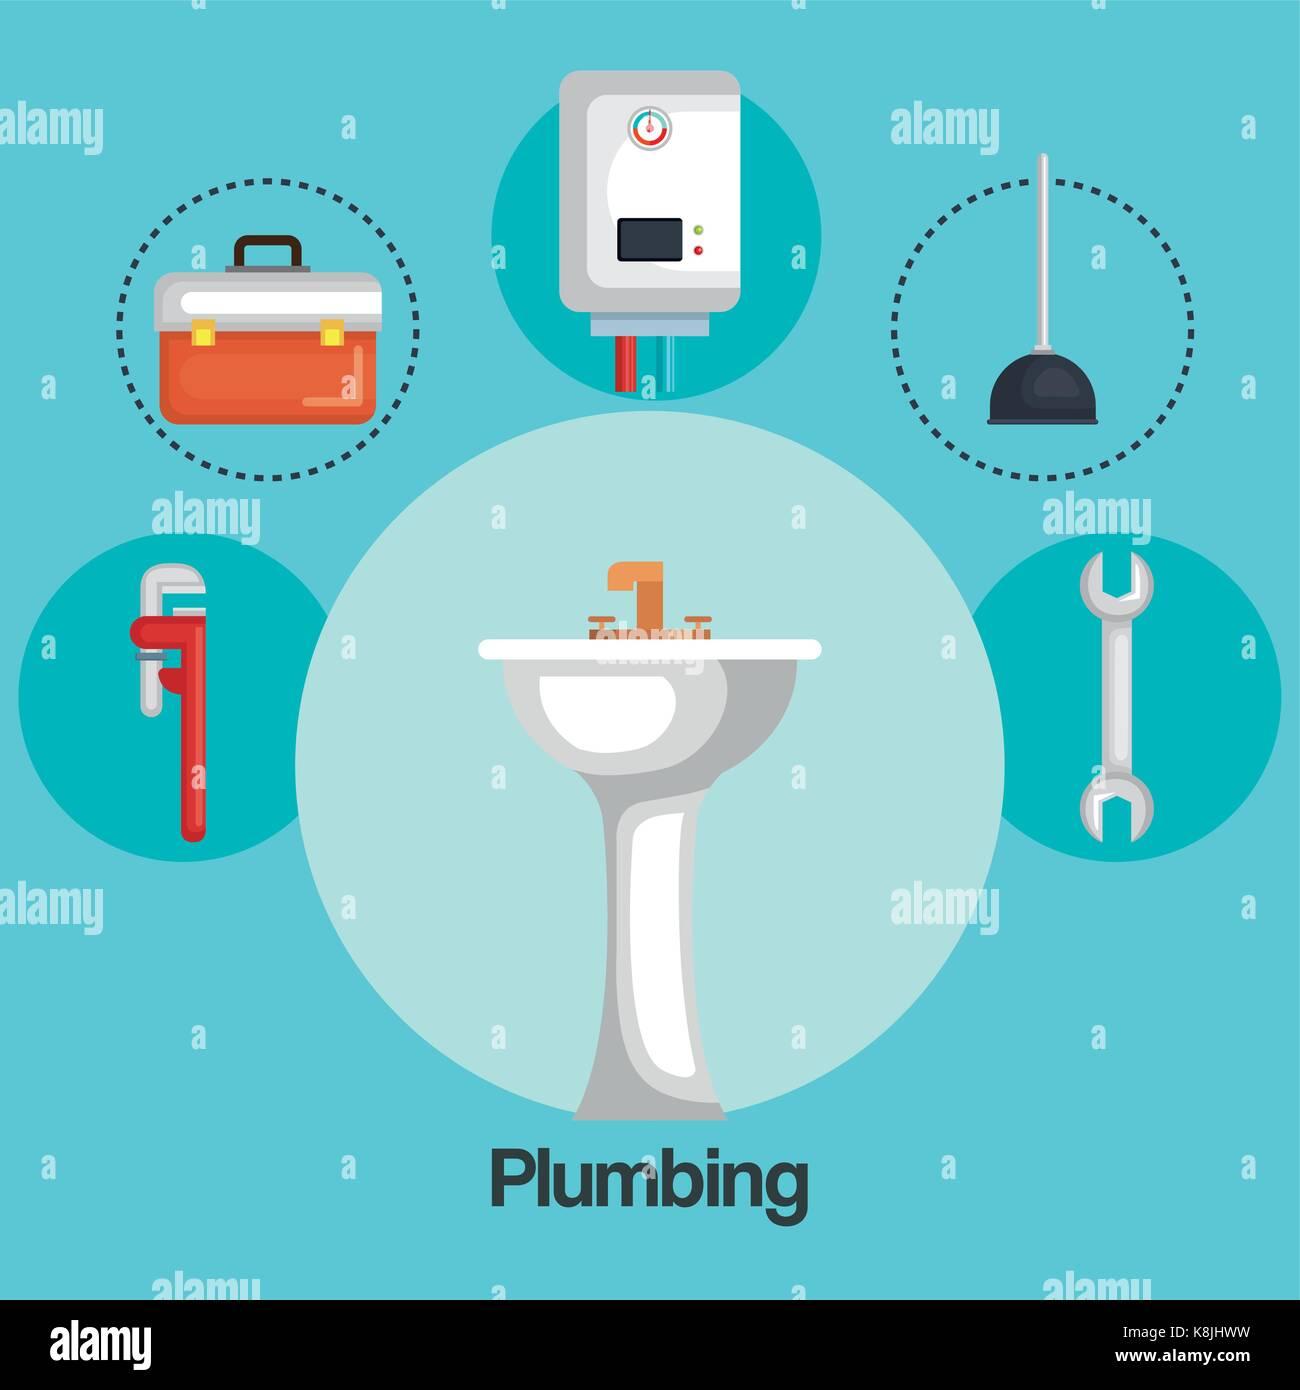 Plumbing Water Heater Stockfotos & Plumbing Water Heater Bilder ...